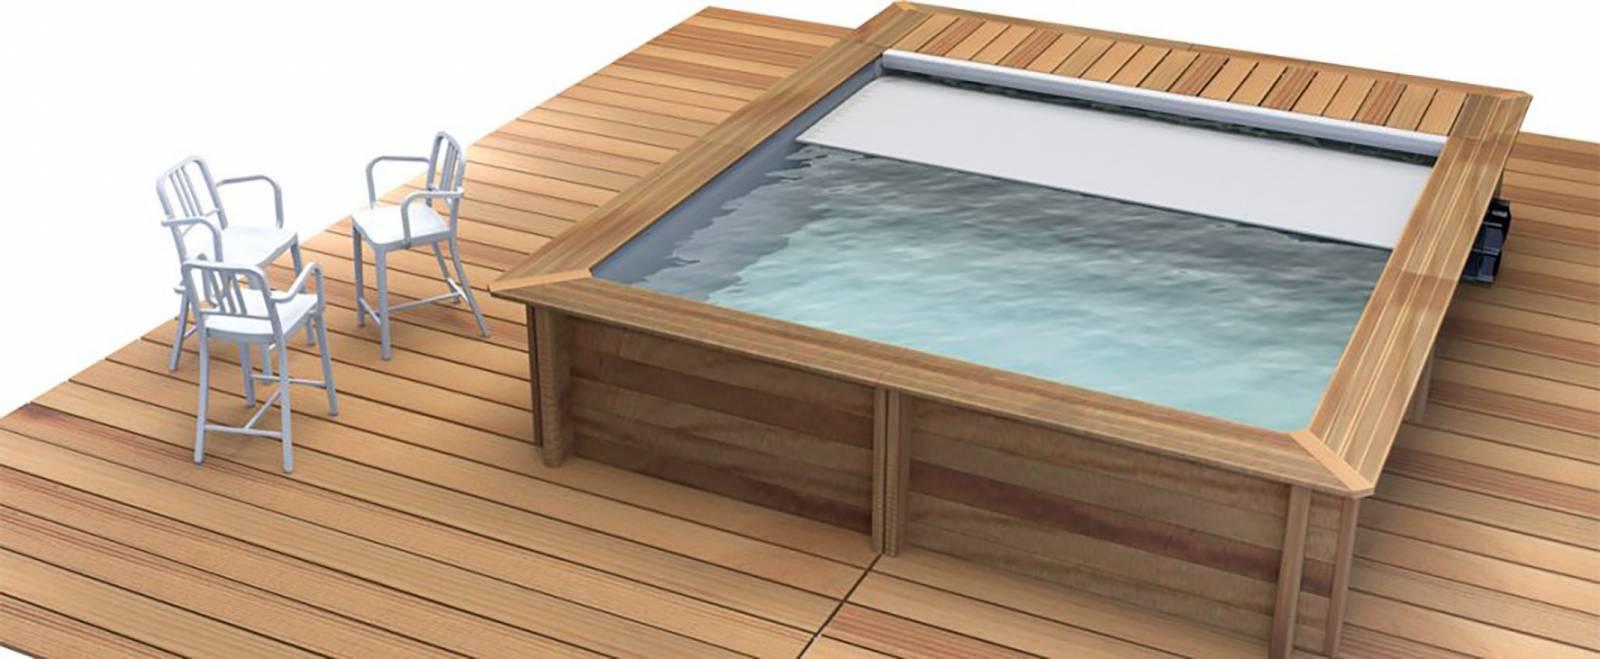 Acheter en ligne une piscine hors sol en bois pas cher avec